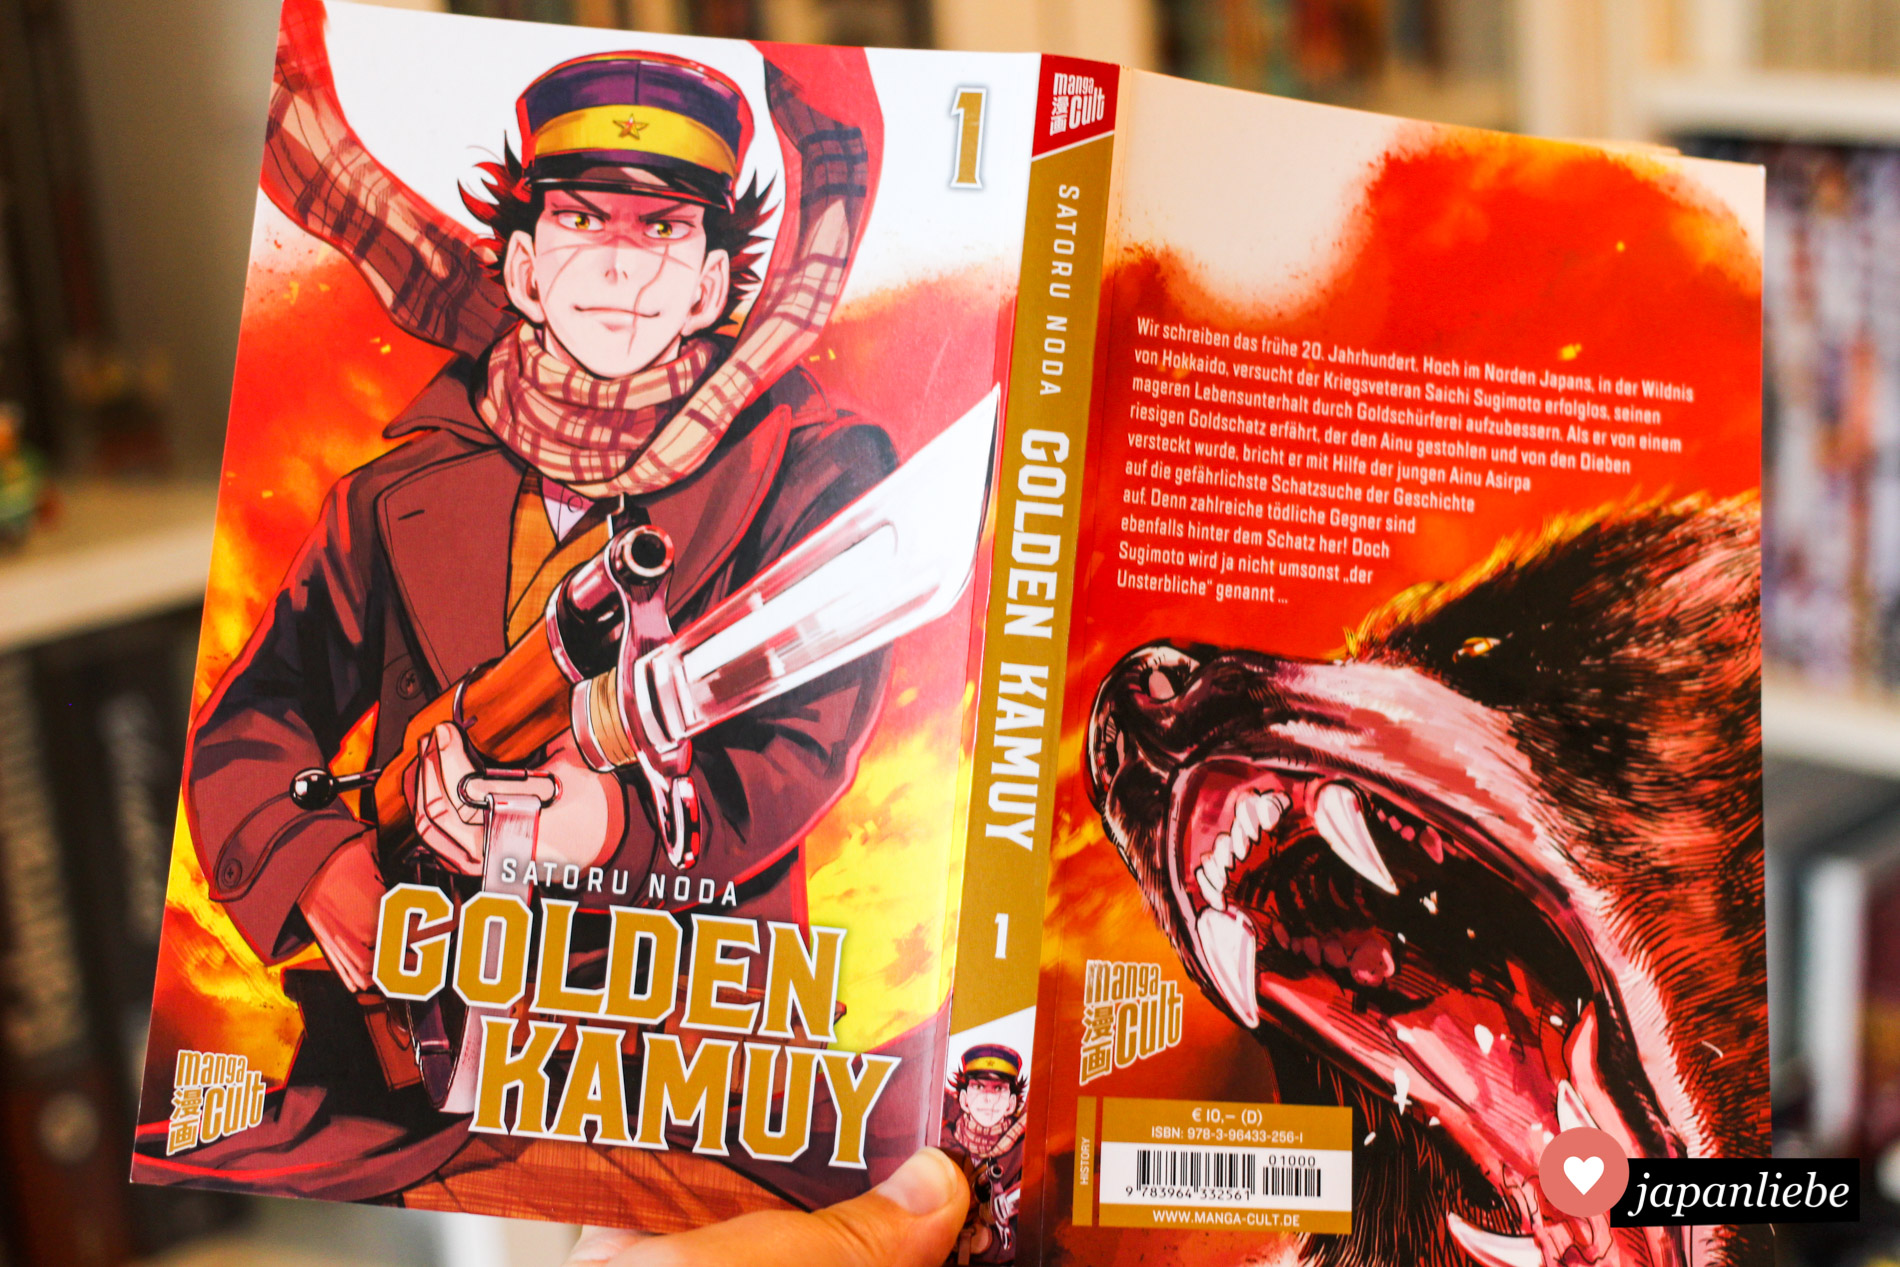 """Das Cover von """"Golden Kamuy"""" gibt eine gute Vorstellung vom Zeichenstil des Mangas."""